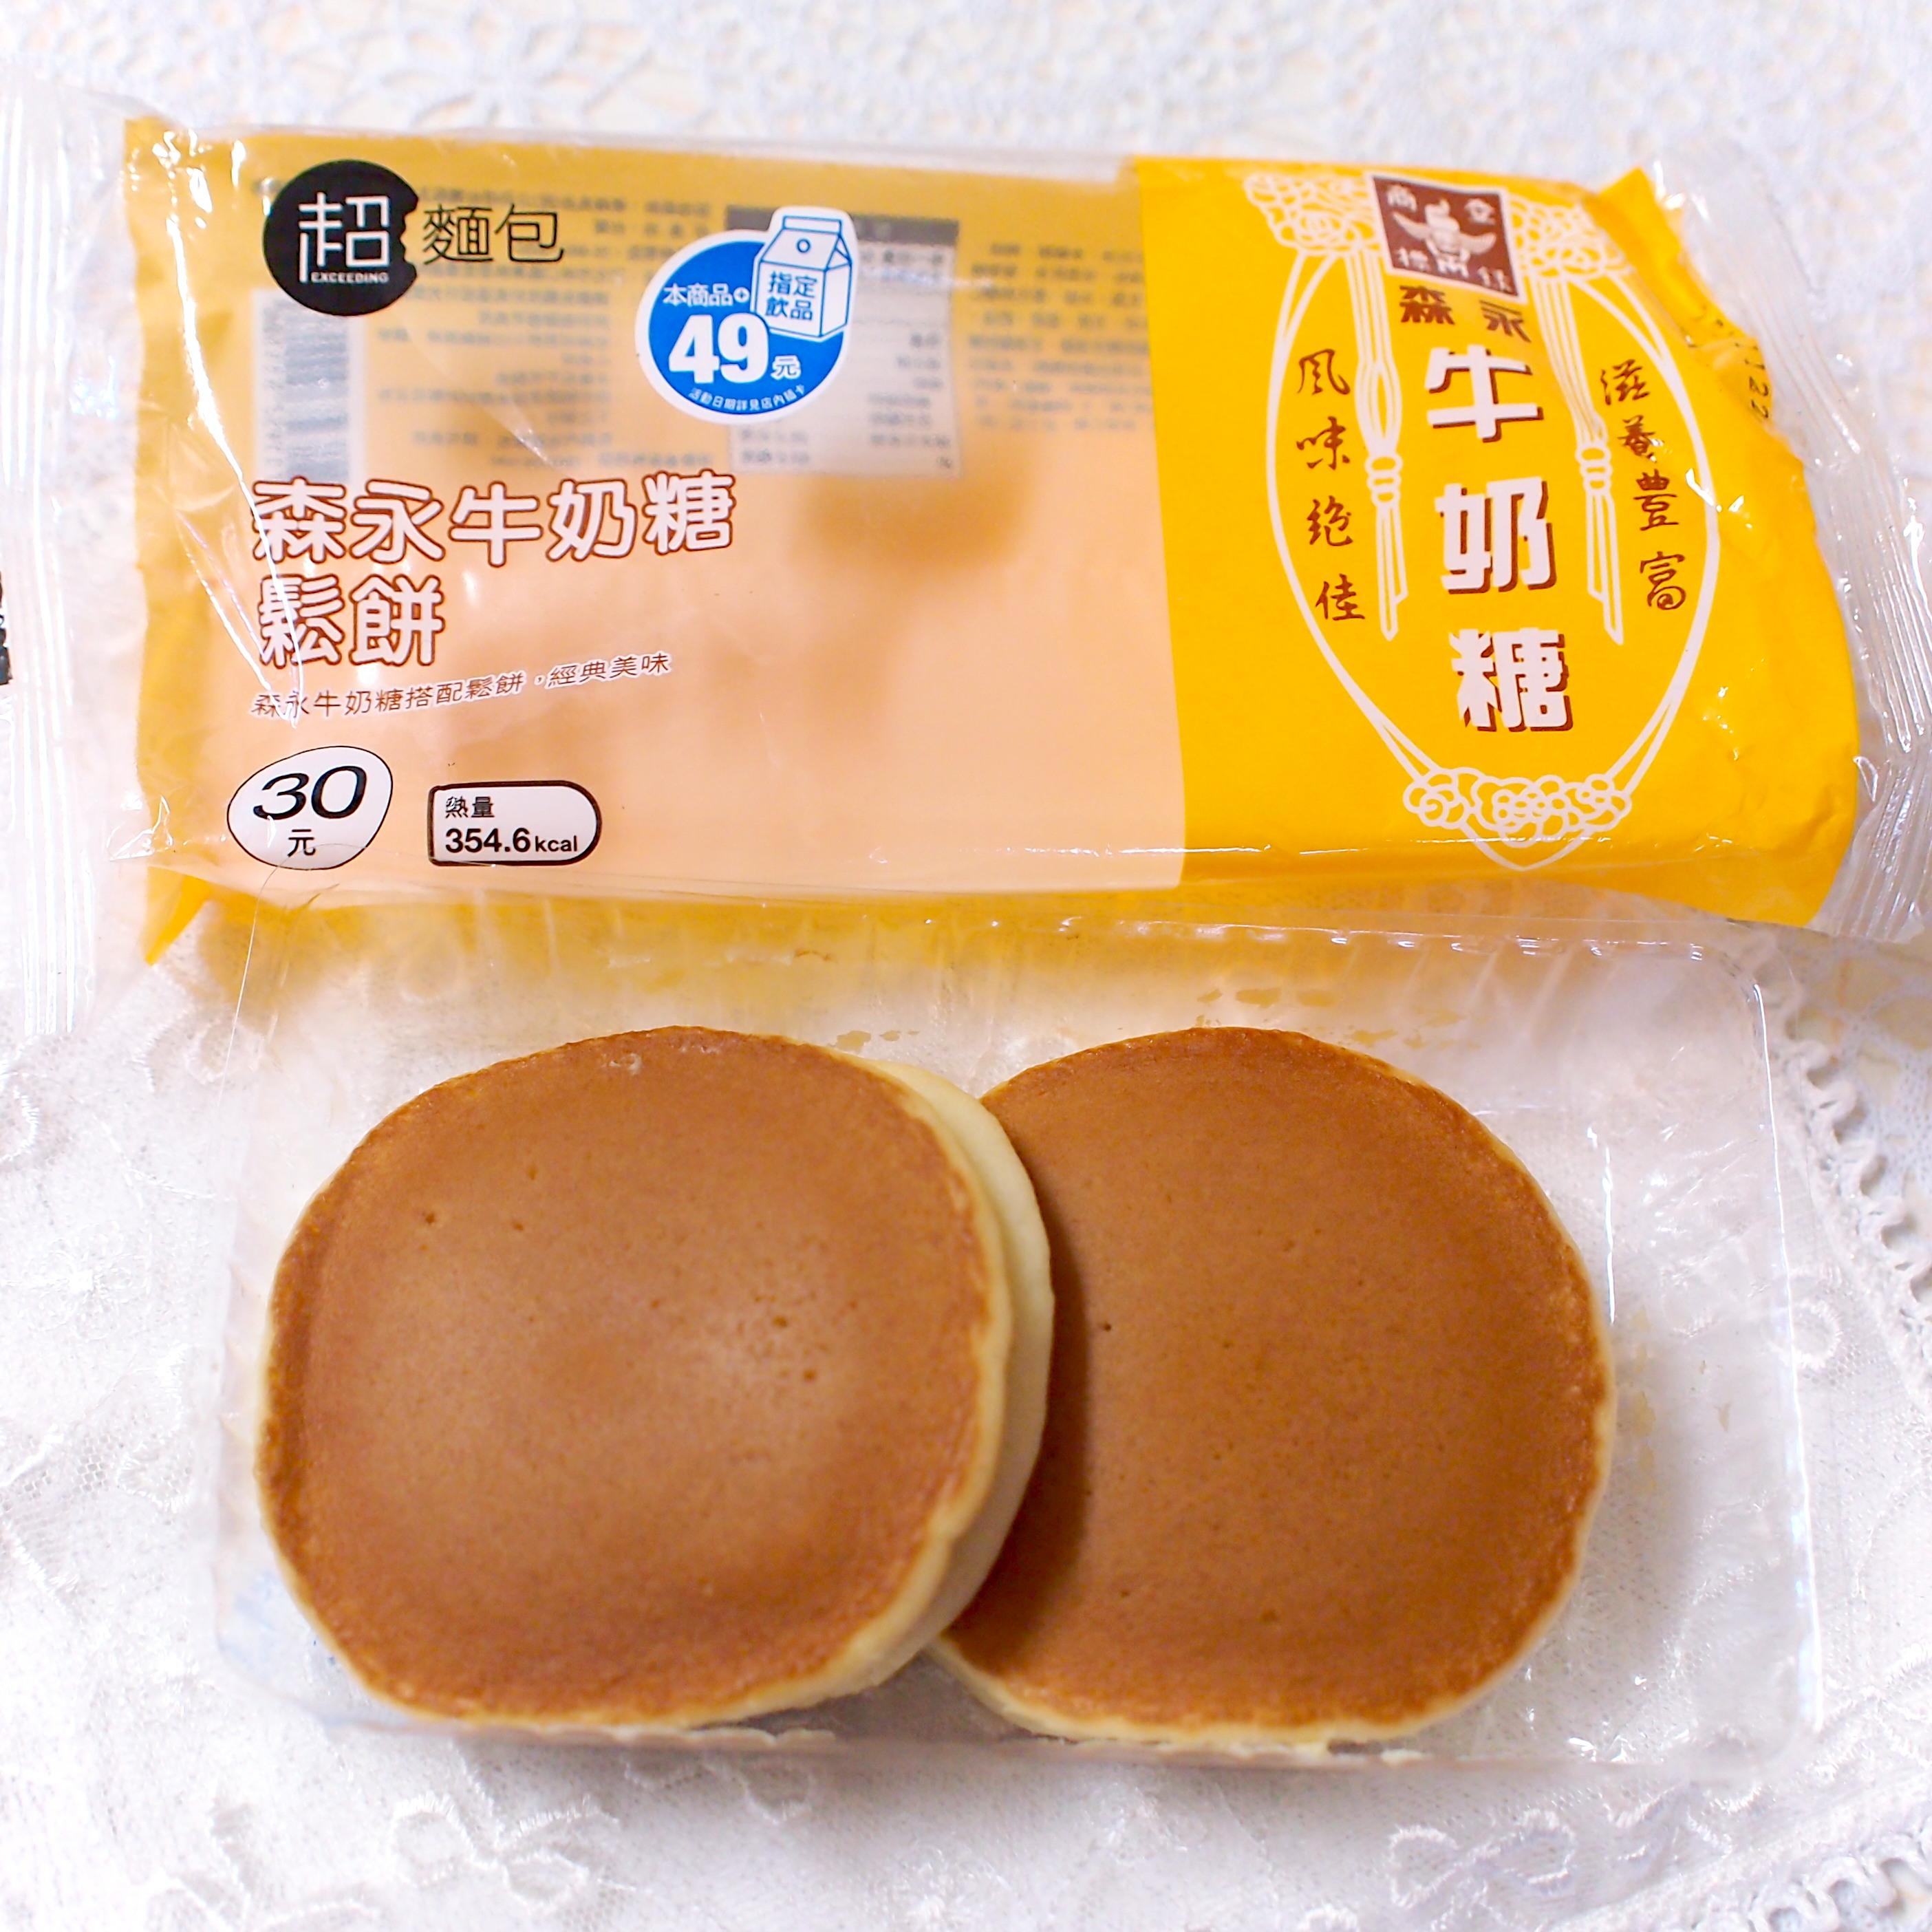 森永牛奶糖鬆餅03@FamilyMart